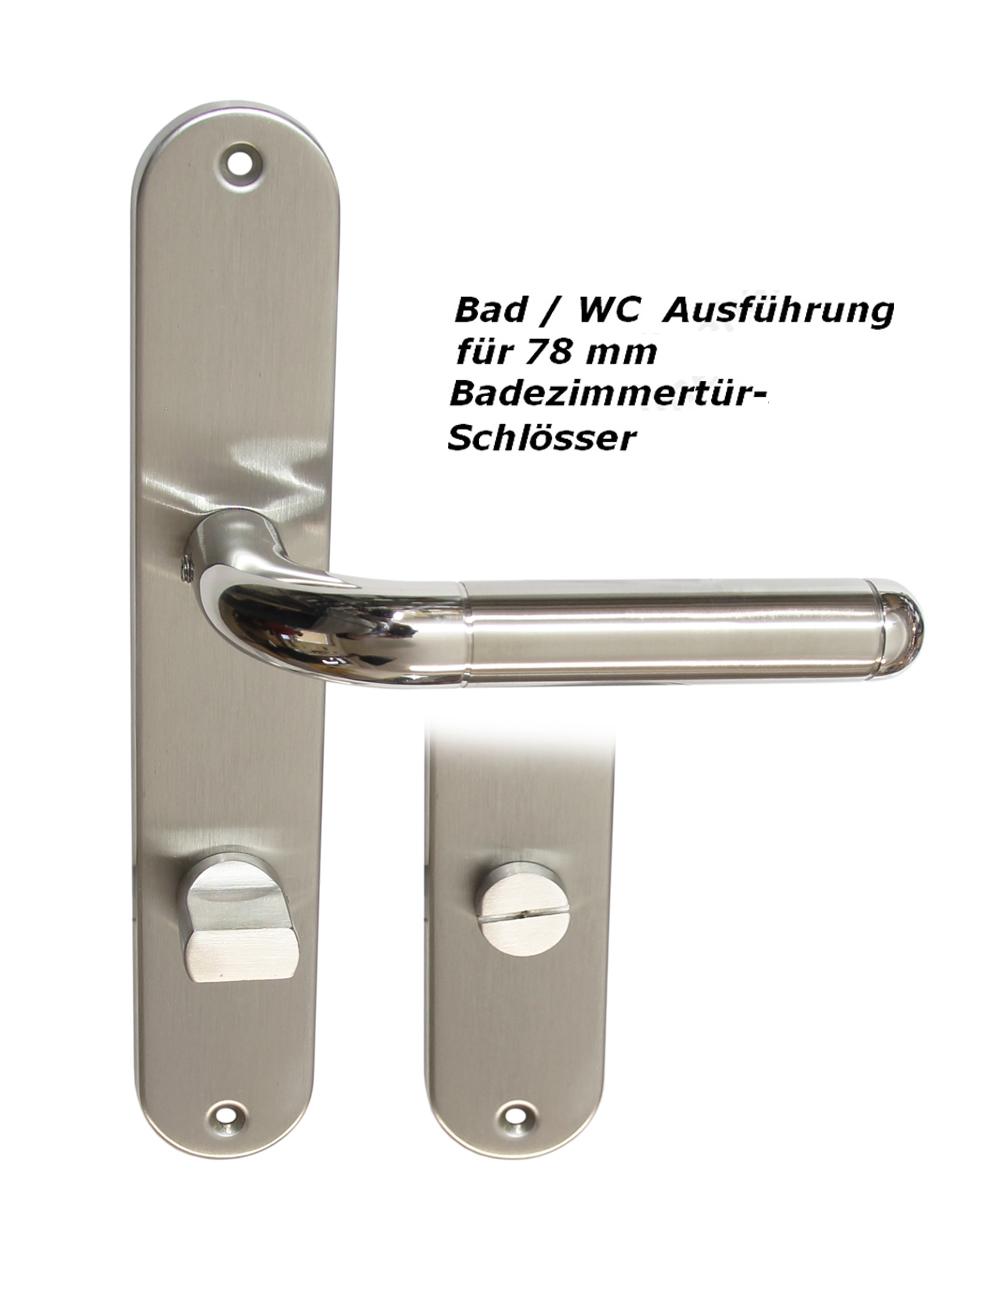 http://www.nbkweb.de/ebay/beschlag/nk-100-bicolor-ls-2a.jpg